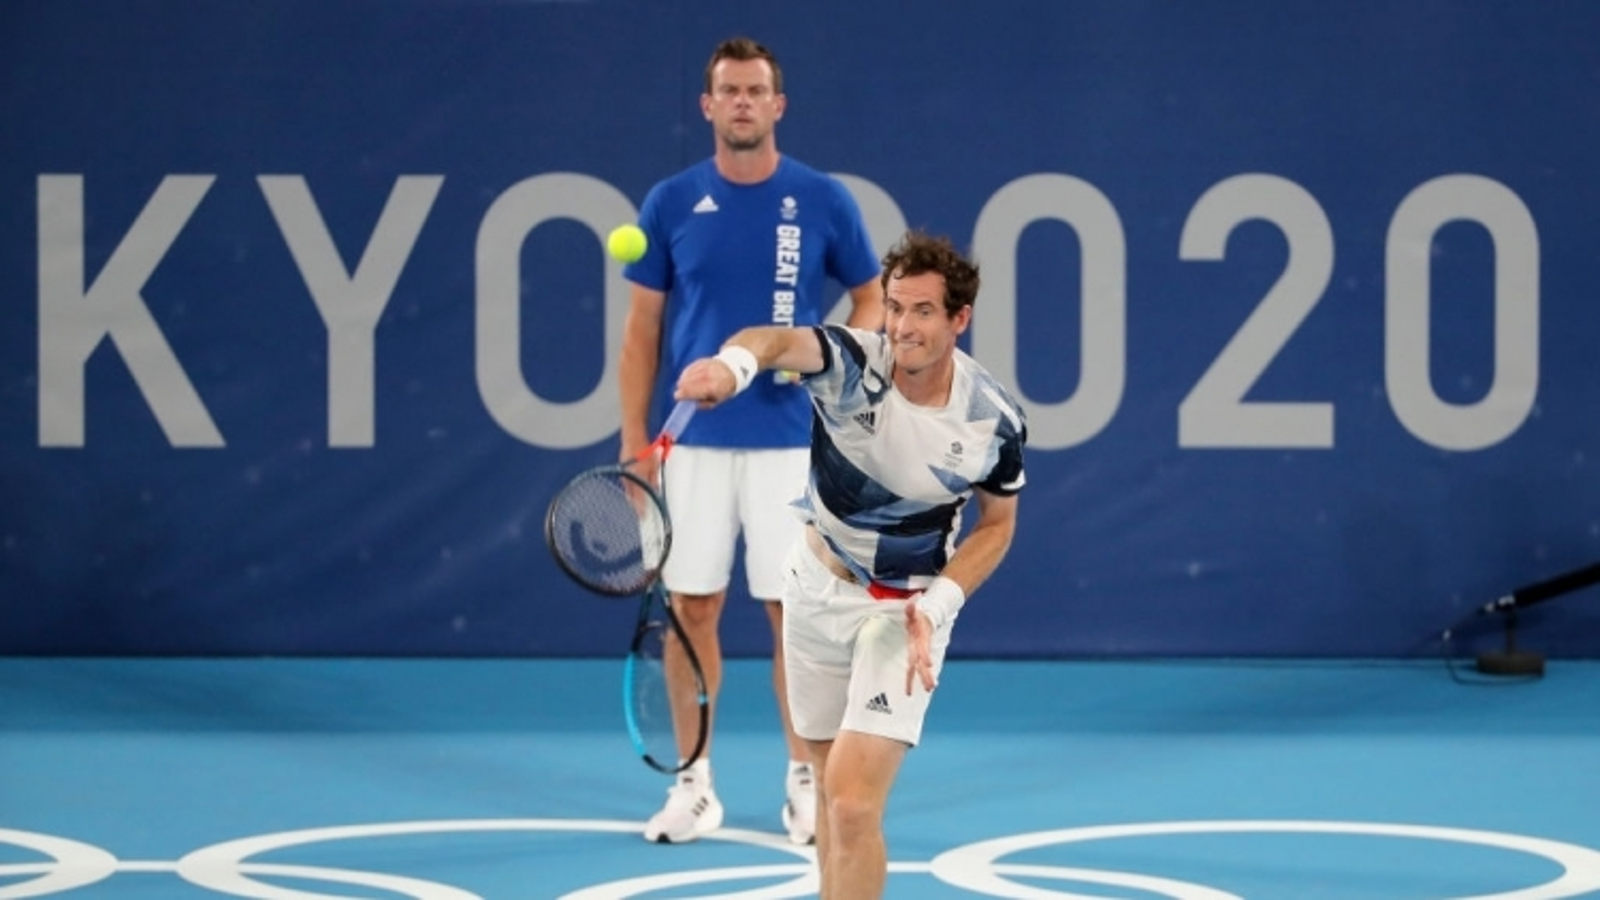 TRỰC TIẾP Olympic Tokyo 2020 ngày 25/7: Murray bất ngờ rút lui